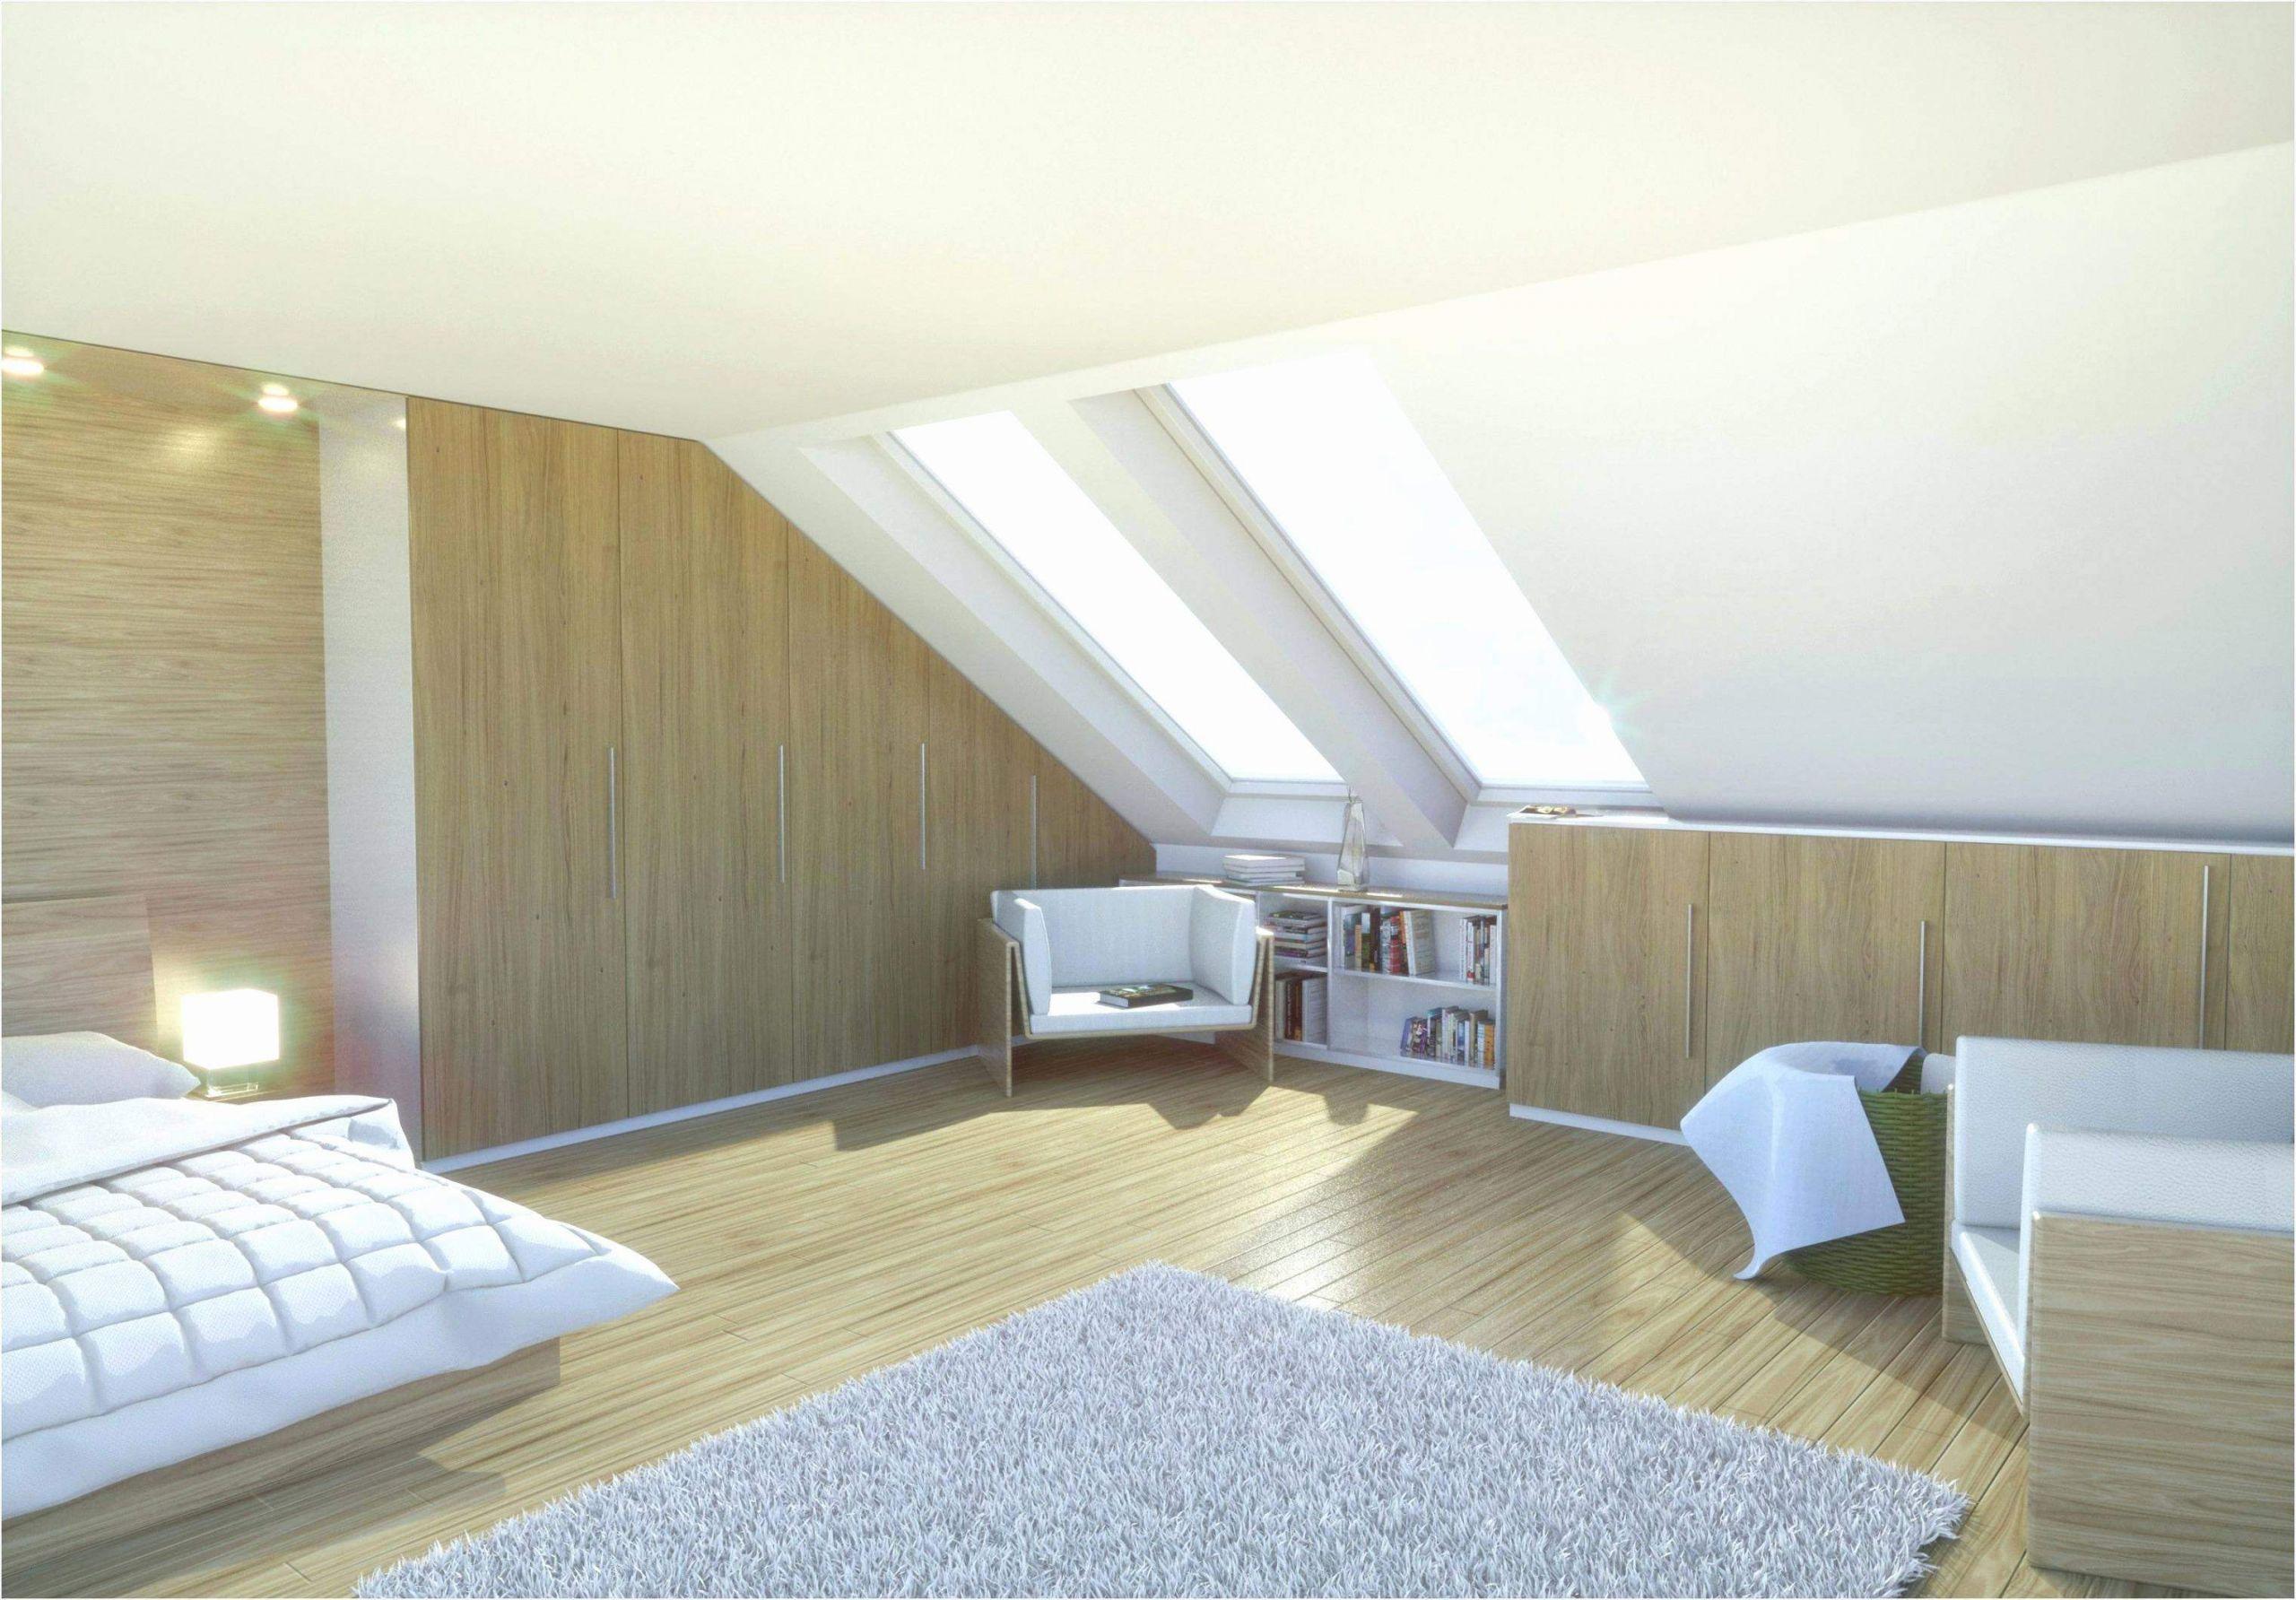 garten dekorieren ideen elegant 34 neu wanddeko ideen wohnzimmer reizend of garten dekorieren ideen scaled